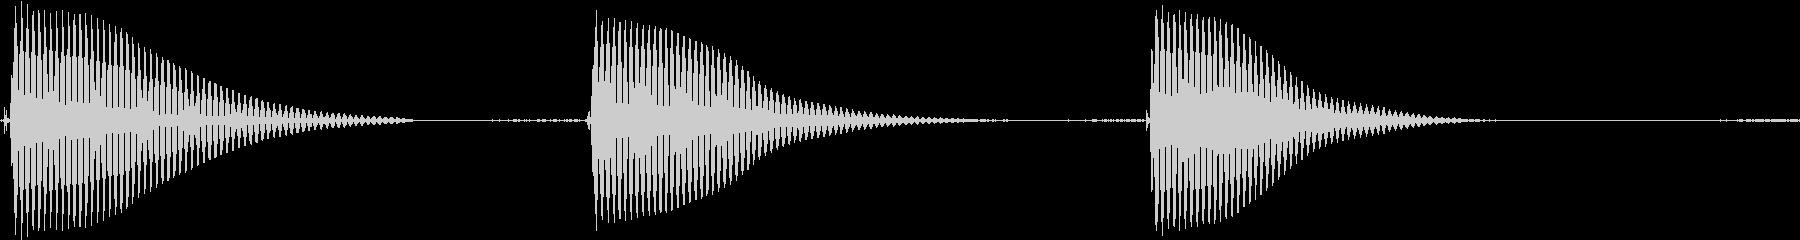 トーンベースデュアルヒットの未再生の波形